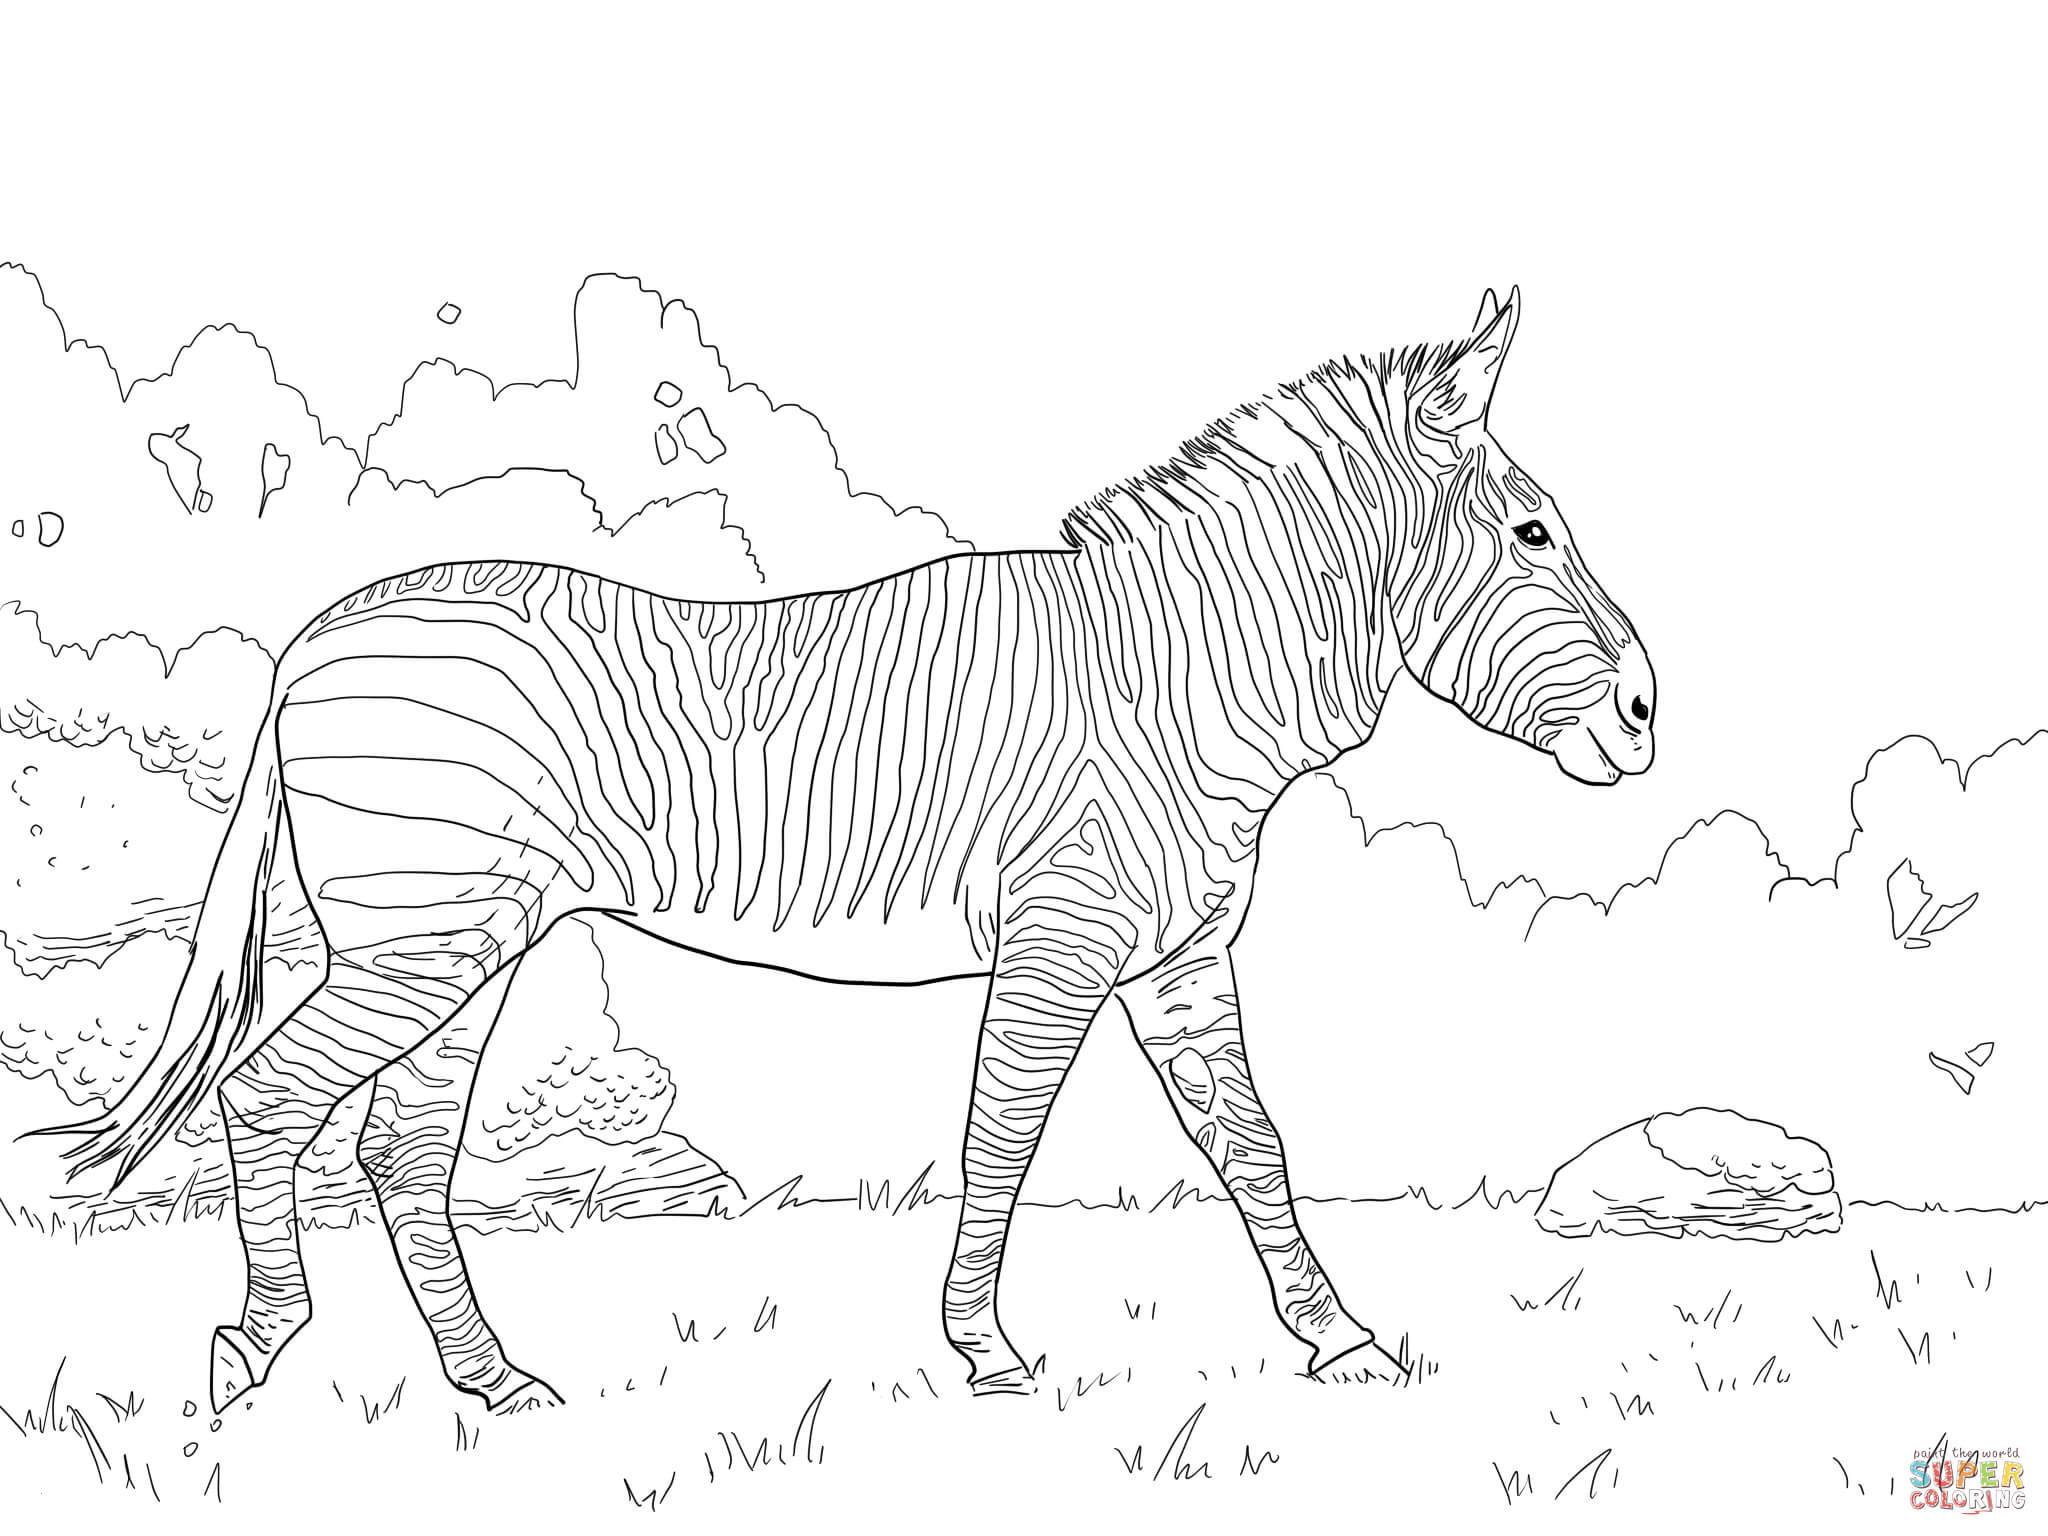 Pferde Ausmalbilder Zum Drucken Das Beste Von Pferde Bilder Zum Ausmalen Luxus Malvorlagen Erwachsene Pferd Ideen Das Bild